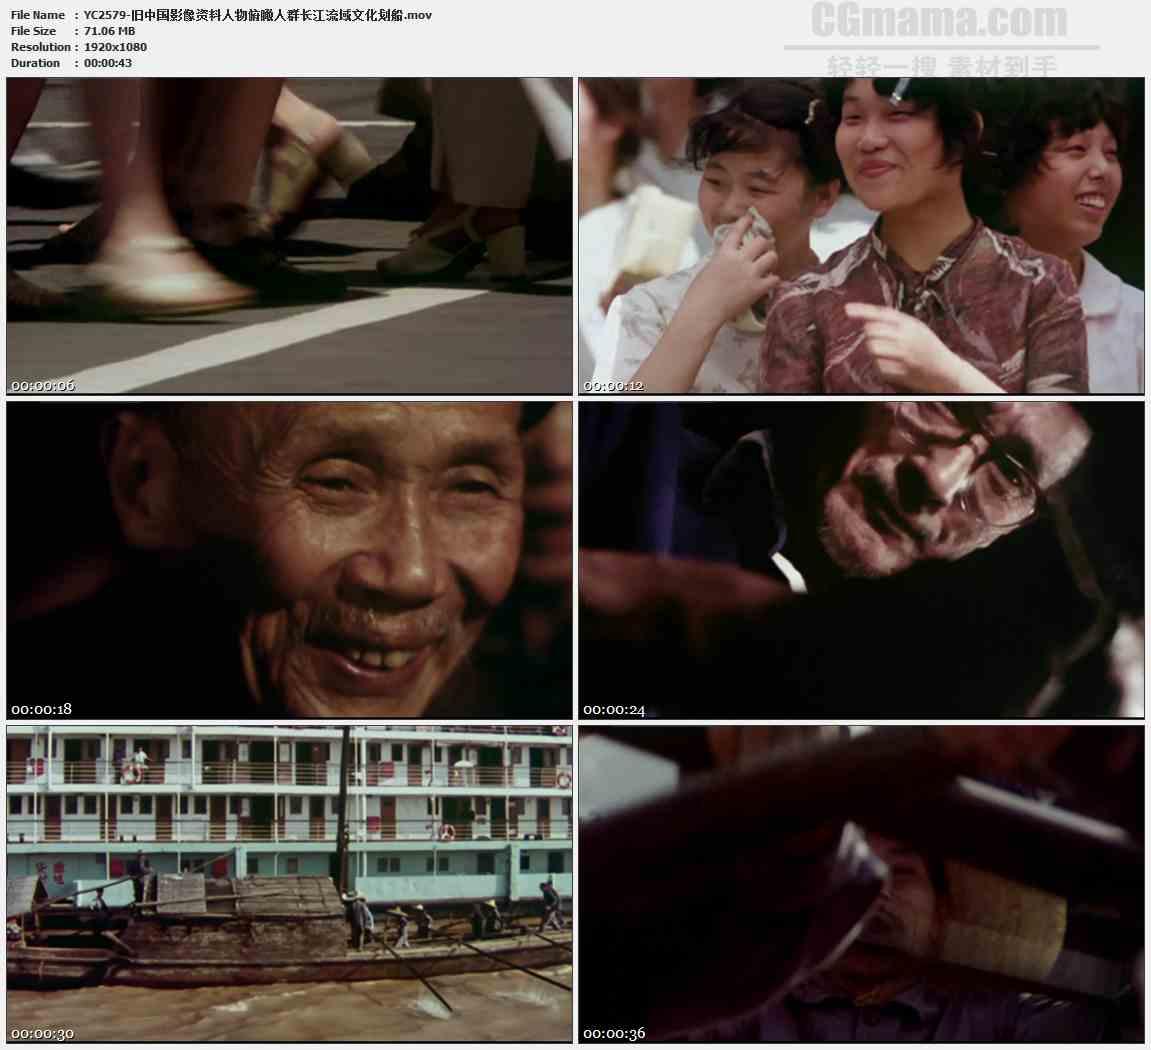 YC2579-旧中国影像资料人物俯瞰人群长江流域文化划船高清实拍视频素材